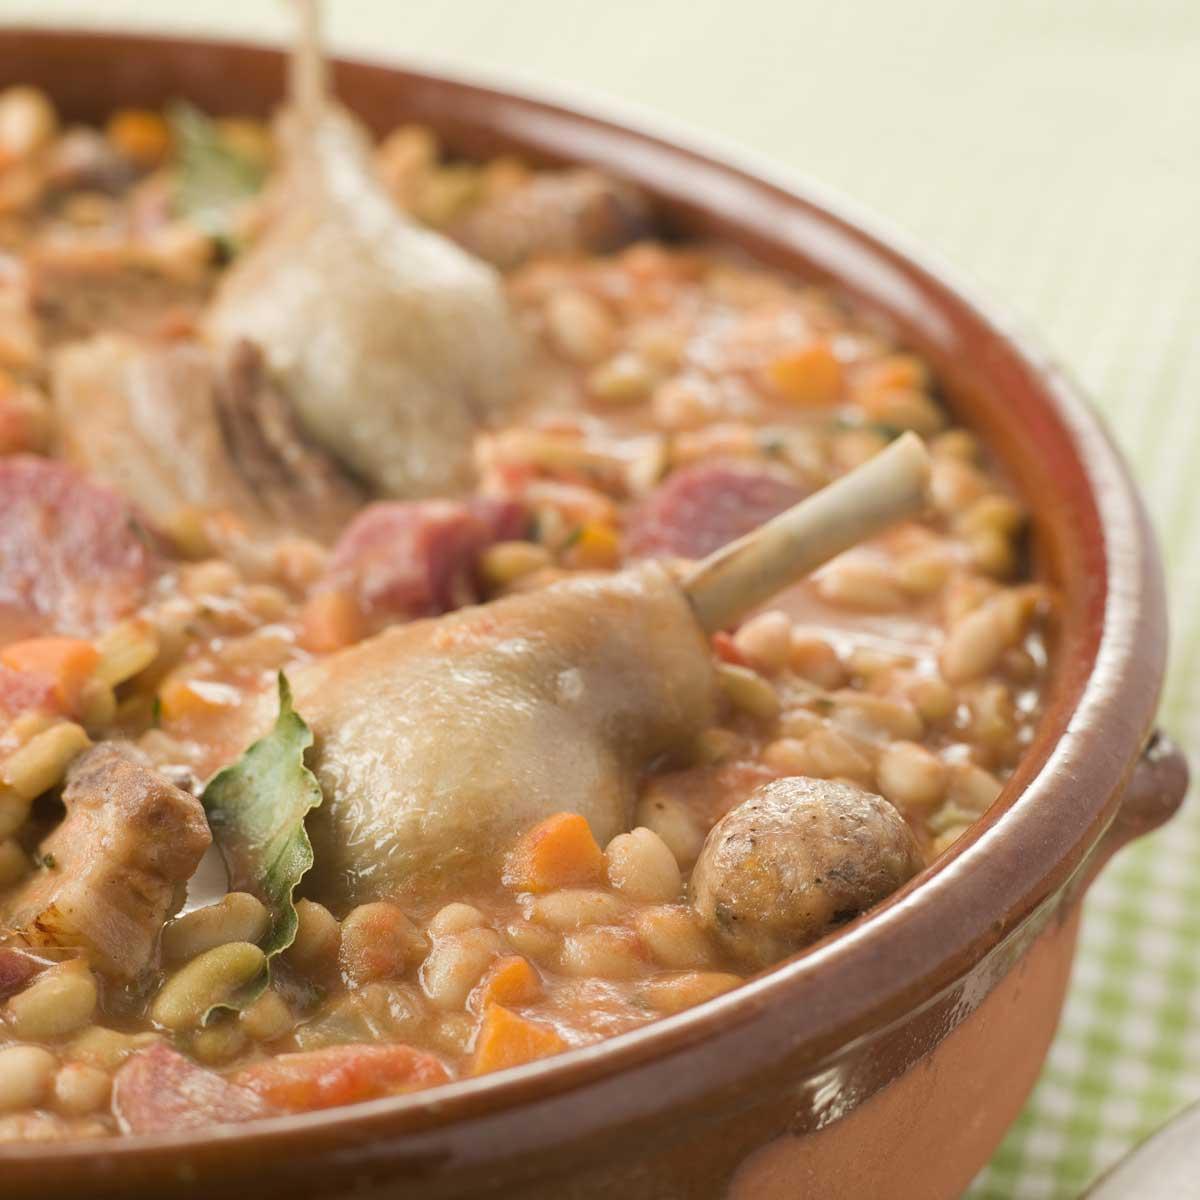 Le cassoulet une recette terroir cuisine le figaro - Cuisine belge recettes du terroir ...